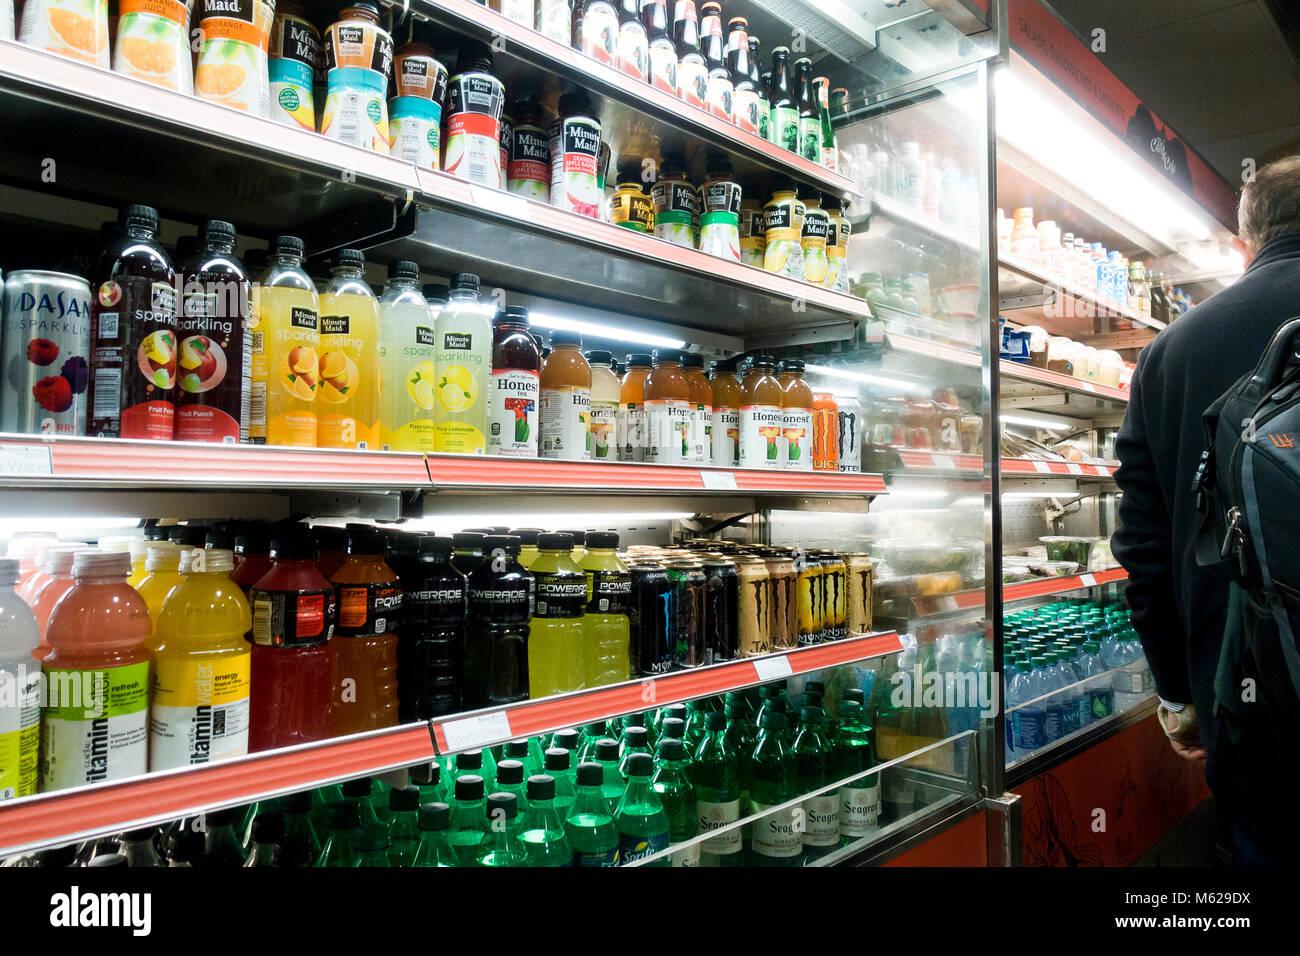 Kühlschrank Getränke : Kalte kohlensäurehaltige getränke in offenen anzeige kühlschrank bei